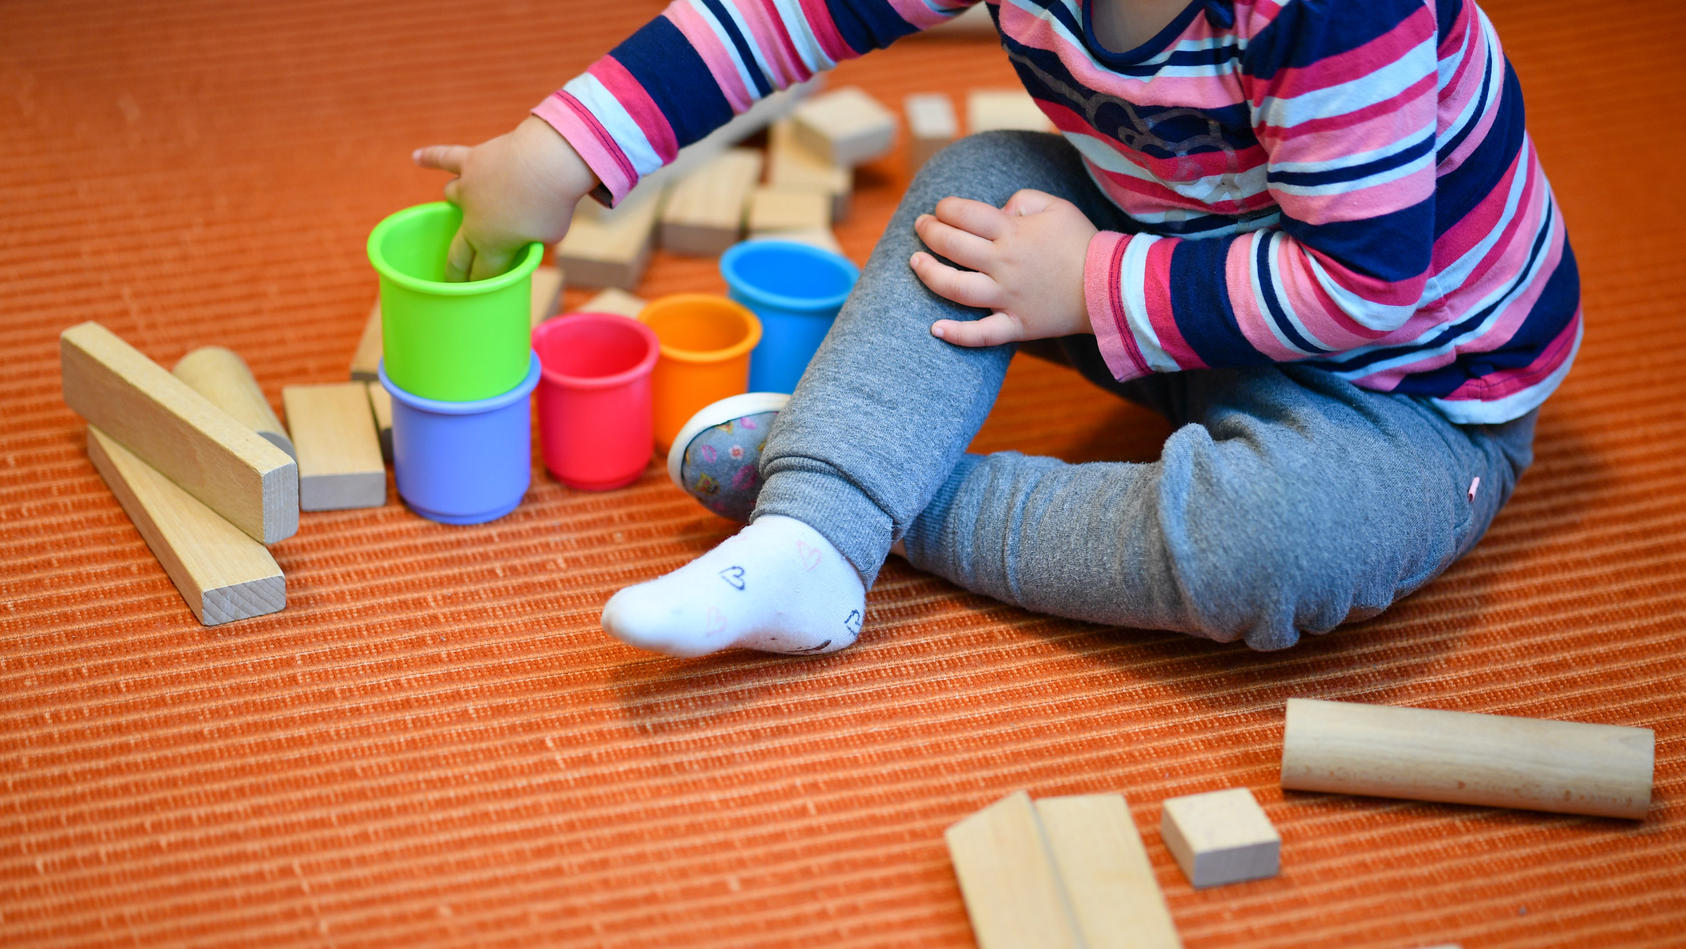 Acht neue Fälle von Virusmutationen sind im Südwesten bekannt geworden, unter anderem bei zwei Kindern in einem Kindergarten inFreiburg.